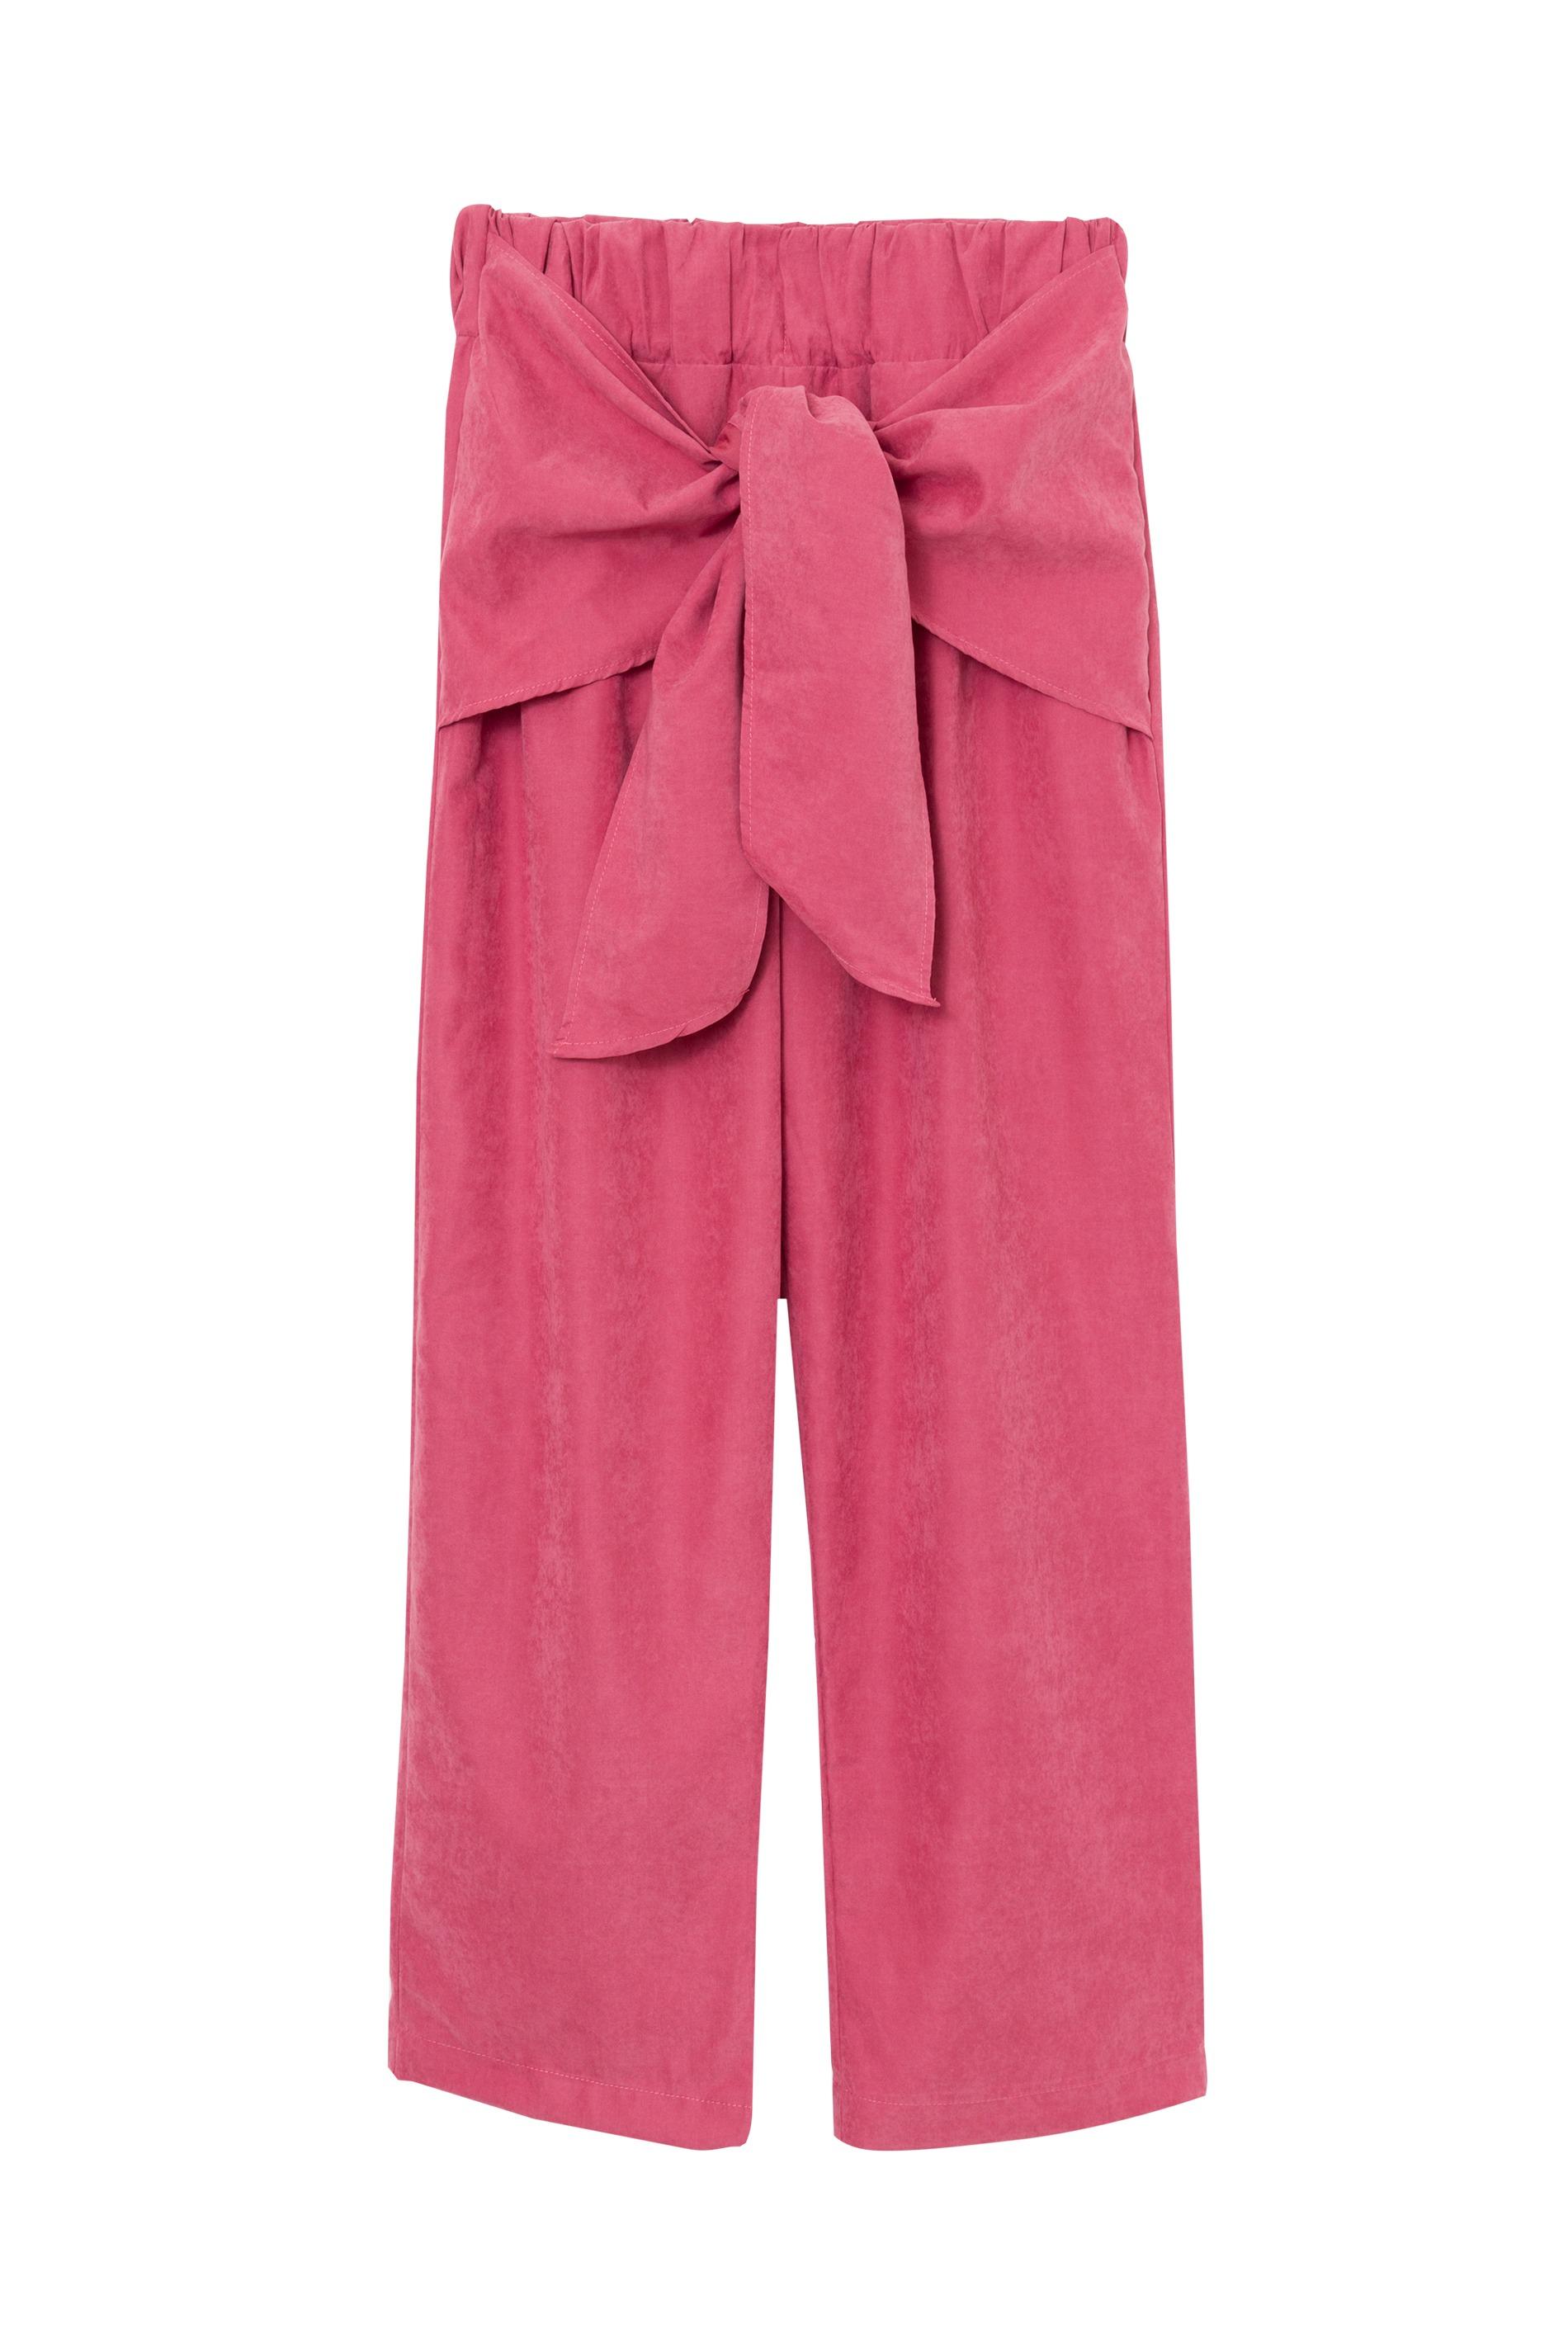 calça de elástico e amarração rosa_edite